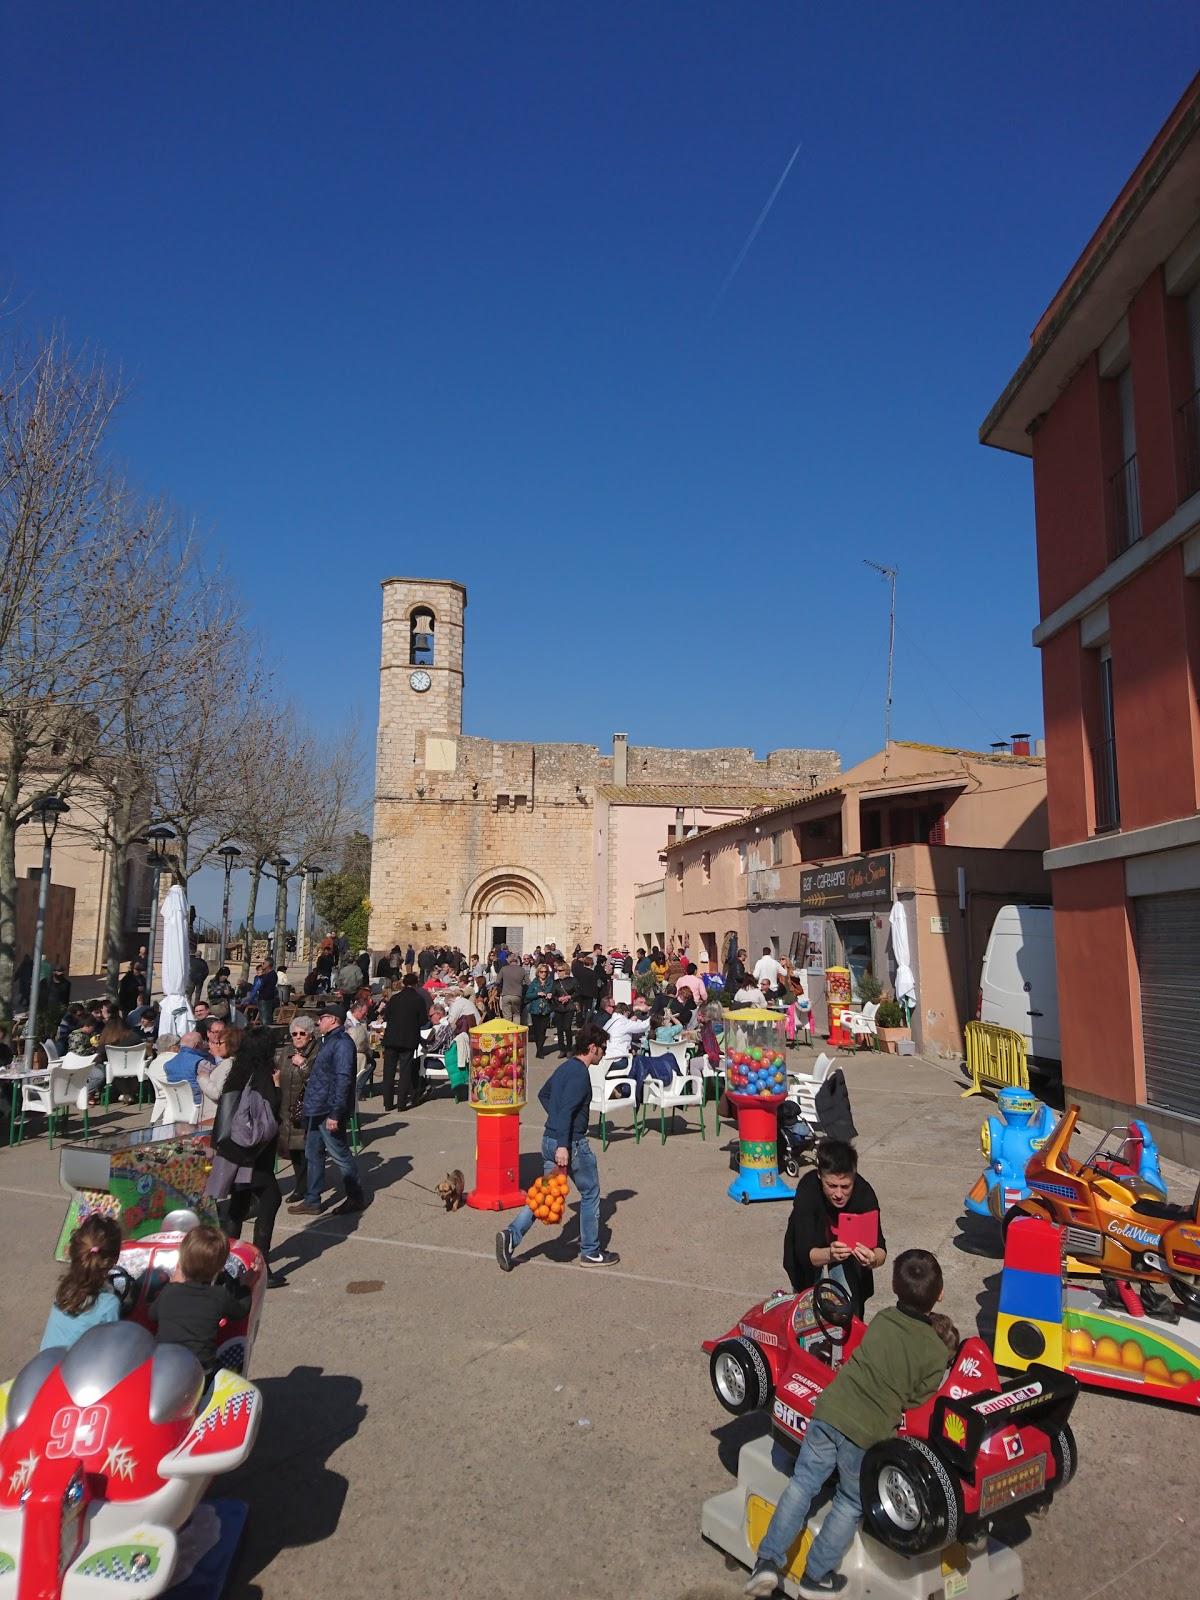 Vila-sacra (Girona): Qué ver y dónde dormir